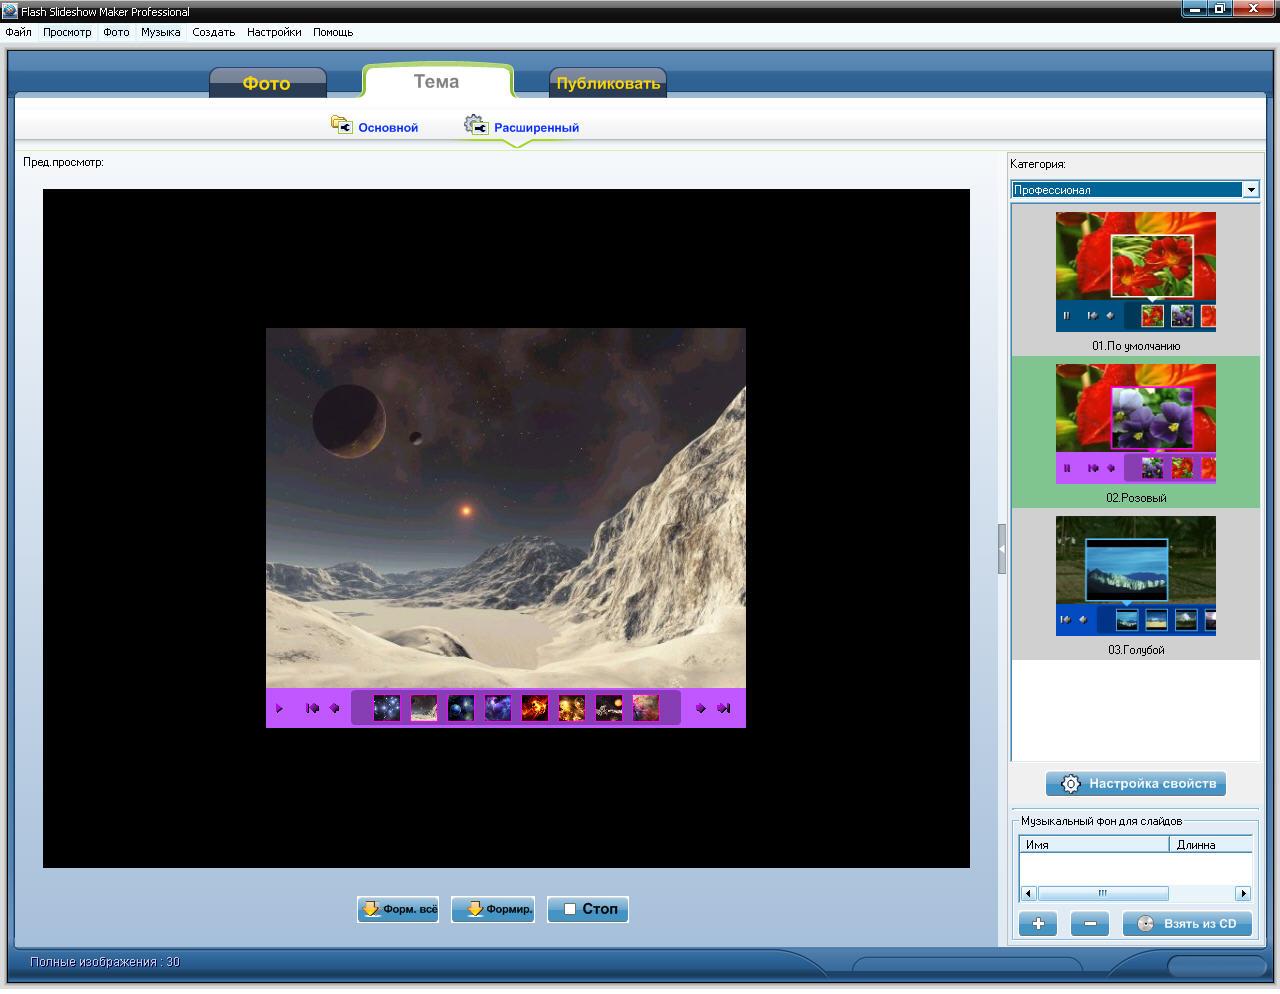 как сделать фото экрана в самсунг а5